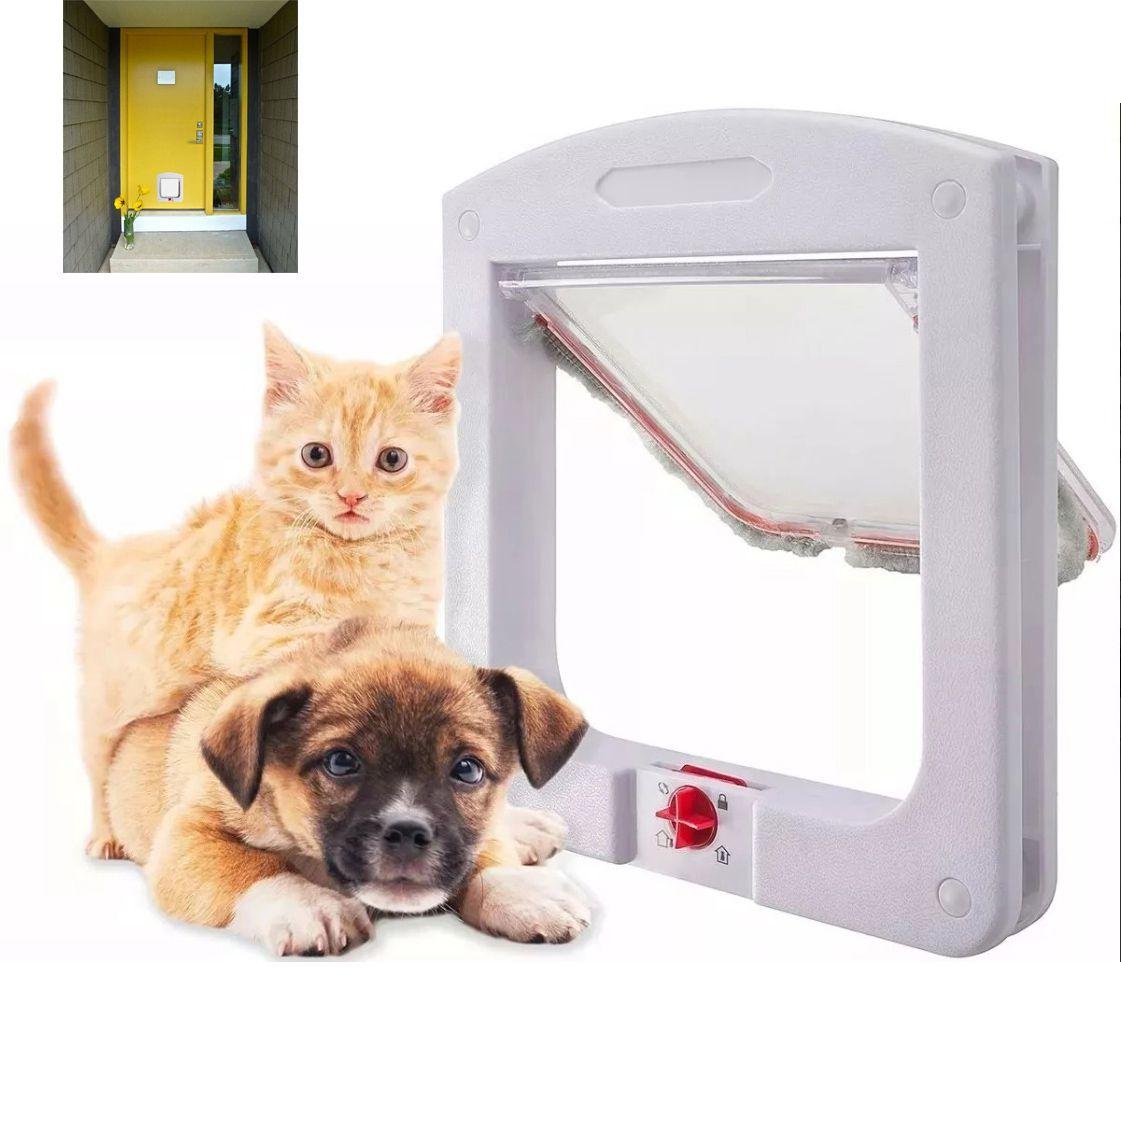 Porta Portinha De Passagem P/ Gato Pet Cachorro 4 Em 1